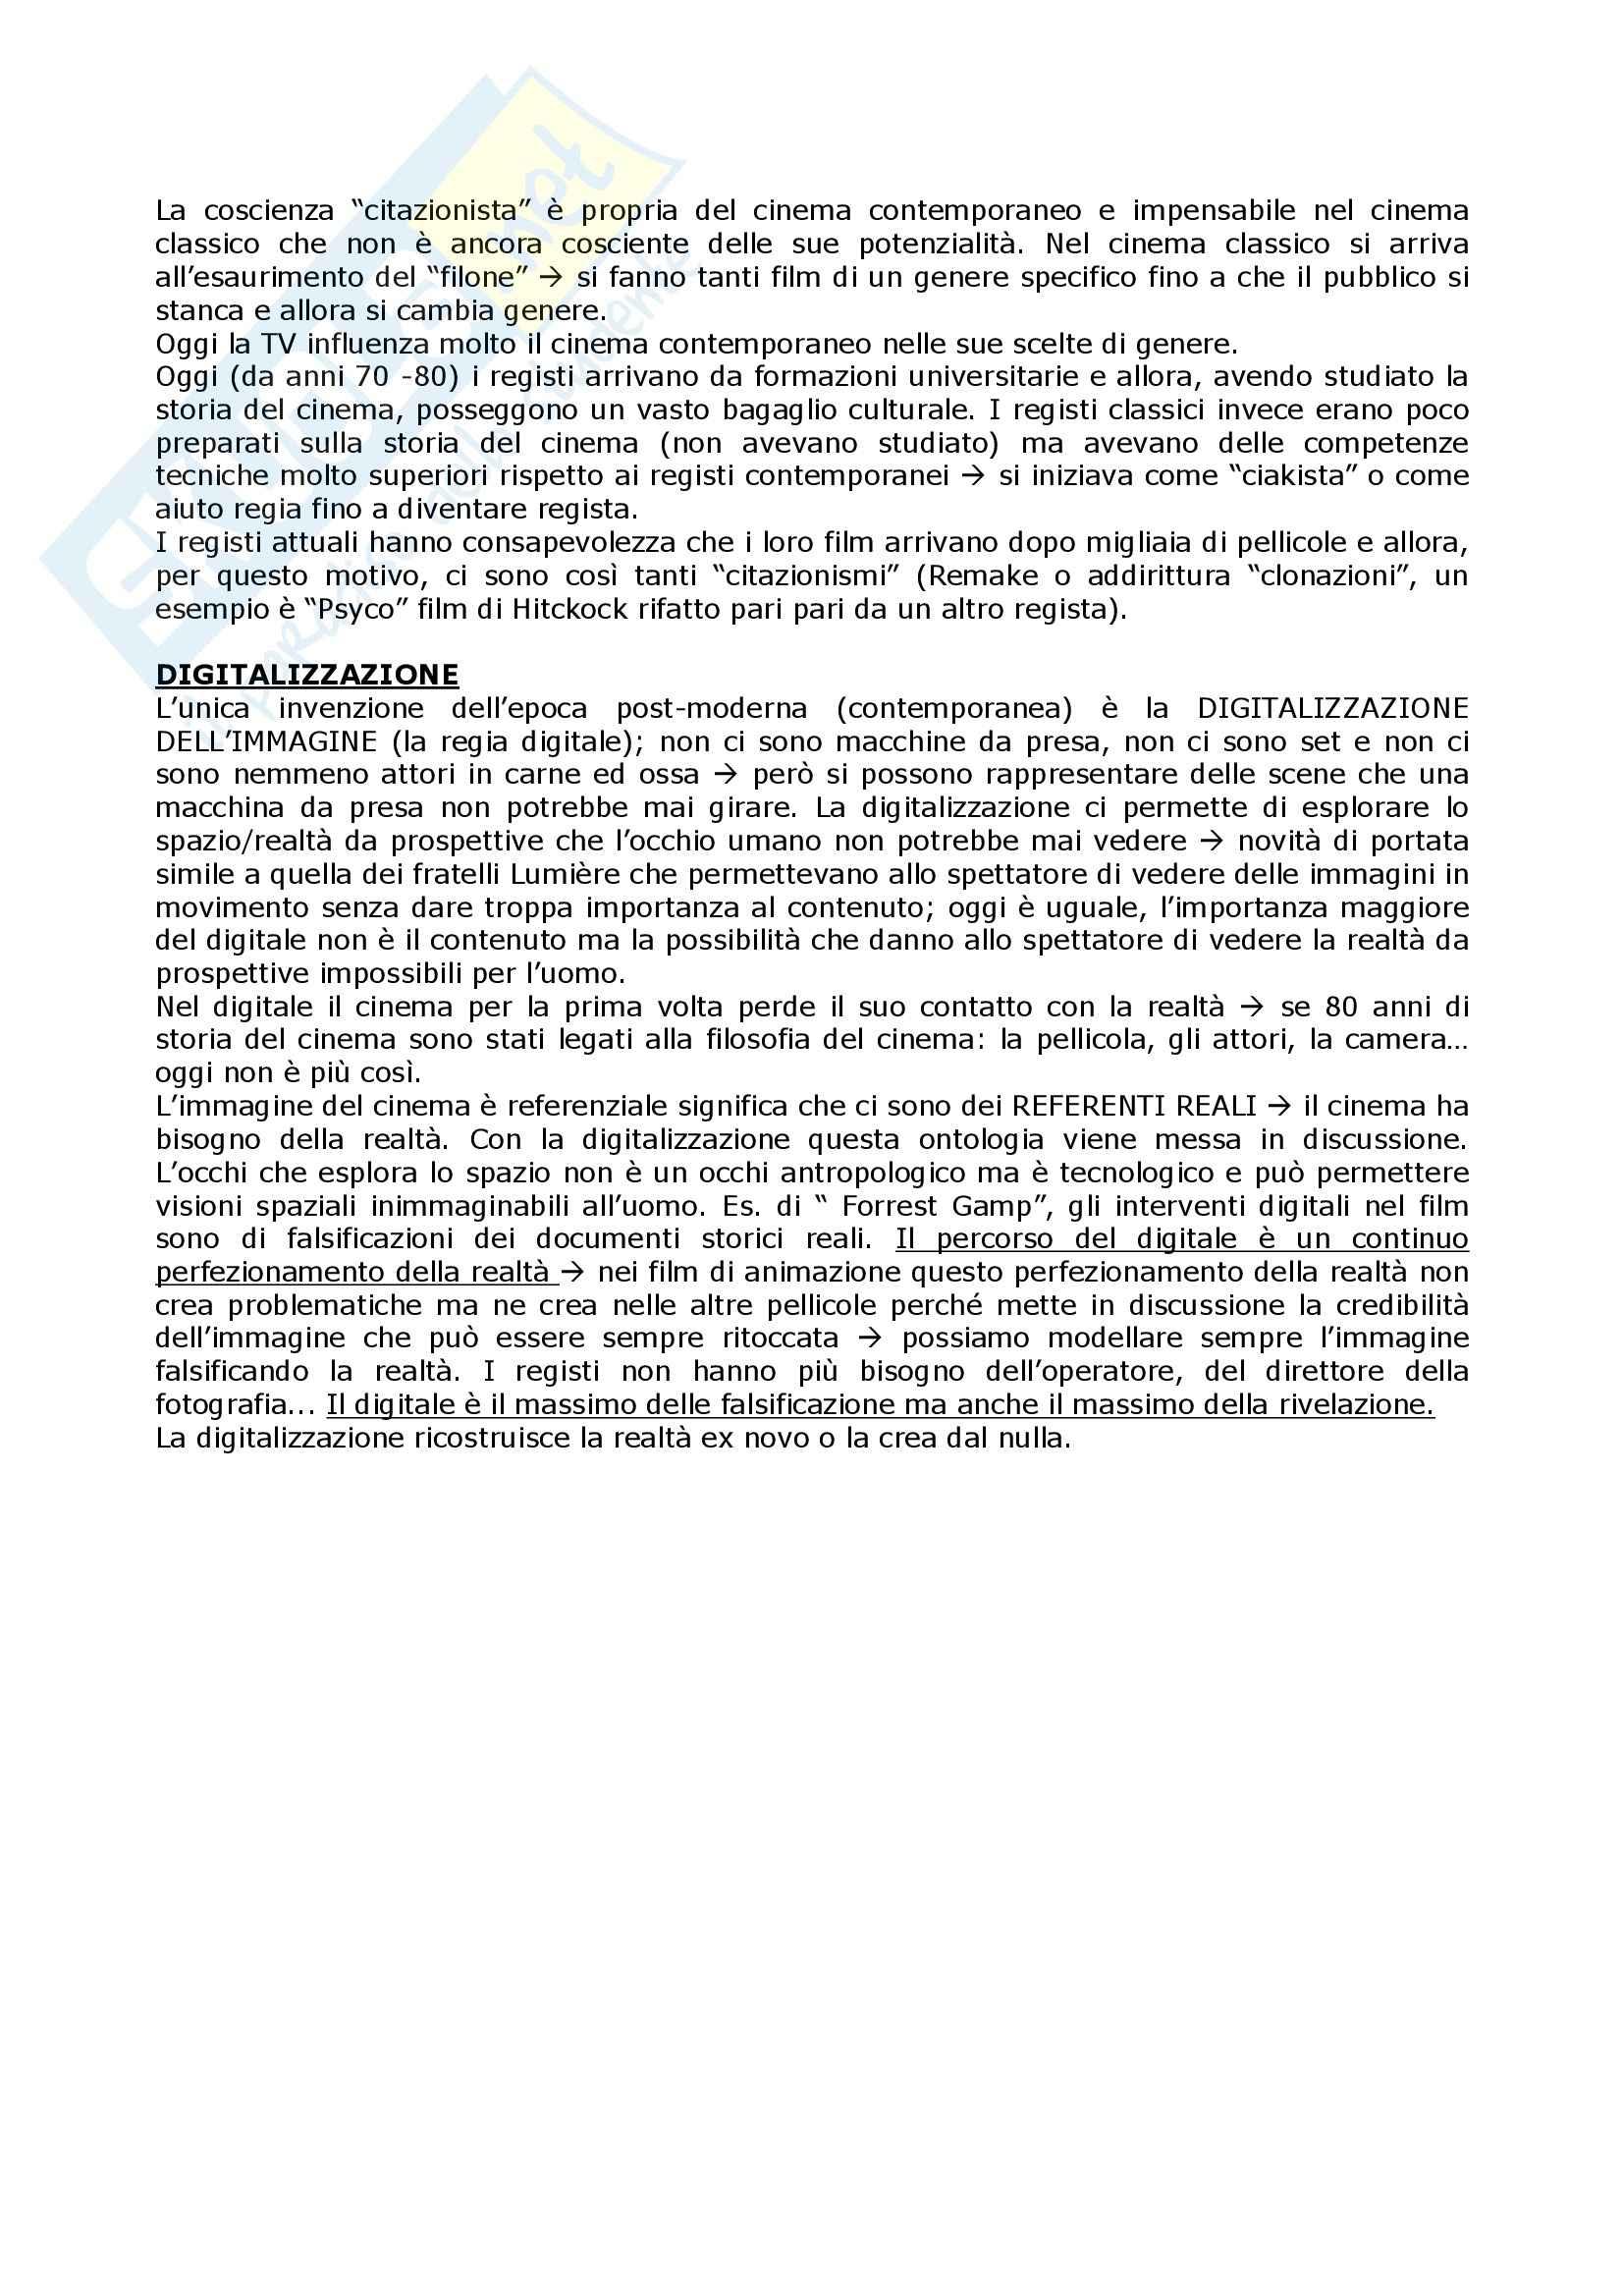 Linguaggi audiovisivi - teorie e tecniche dei linguaggi audiovisivi Pag. 16